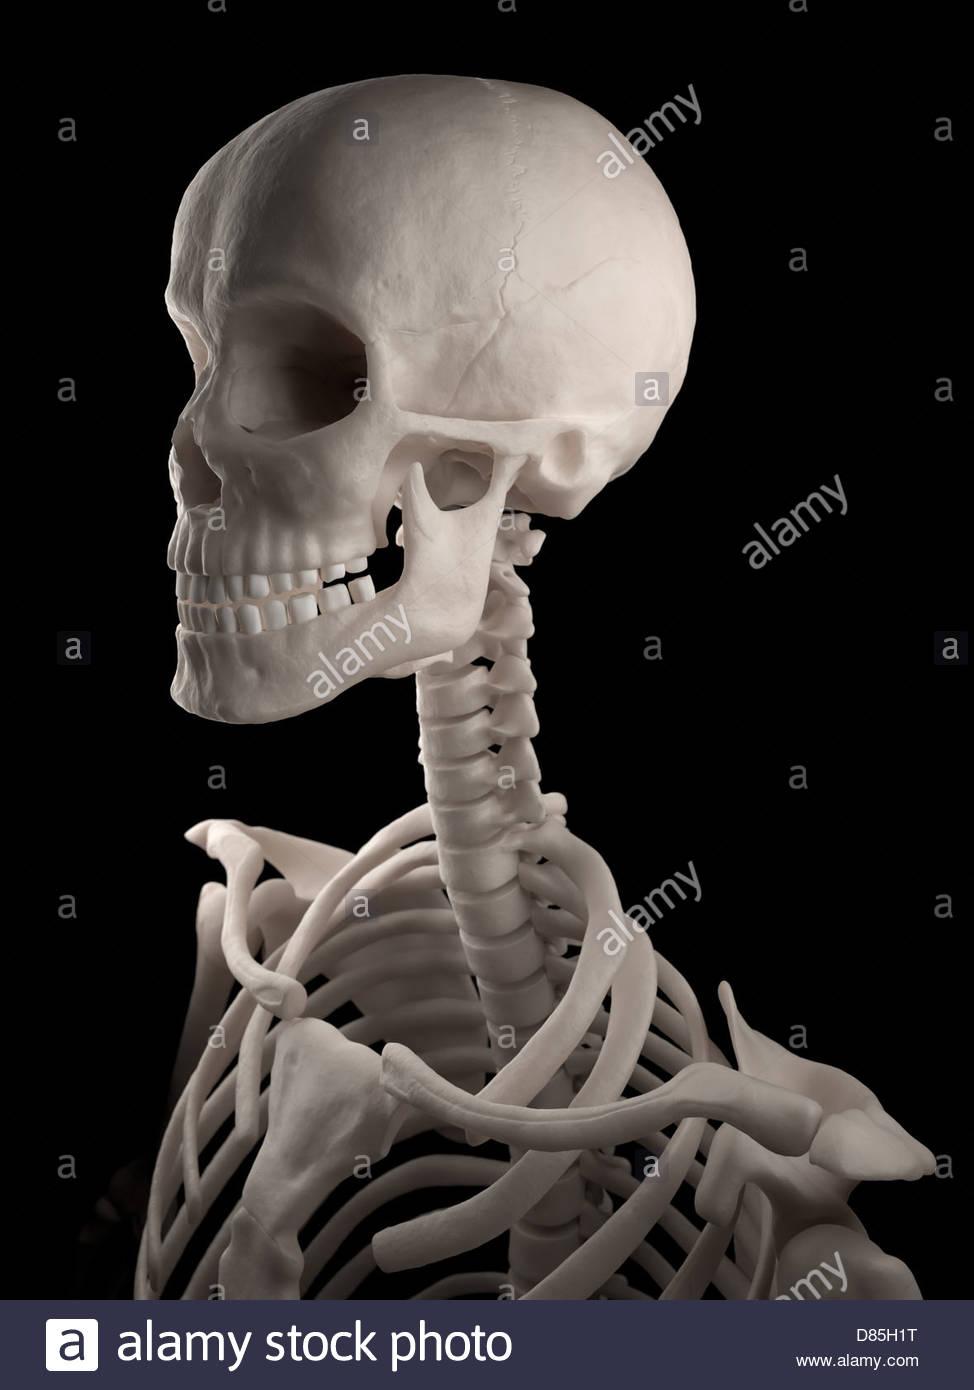 Digitale medizinische Illustration: menschliche Schädel, Hals und ...